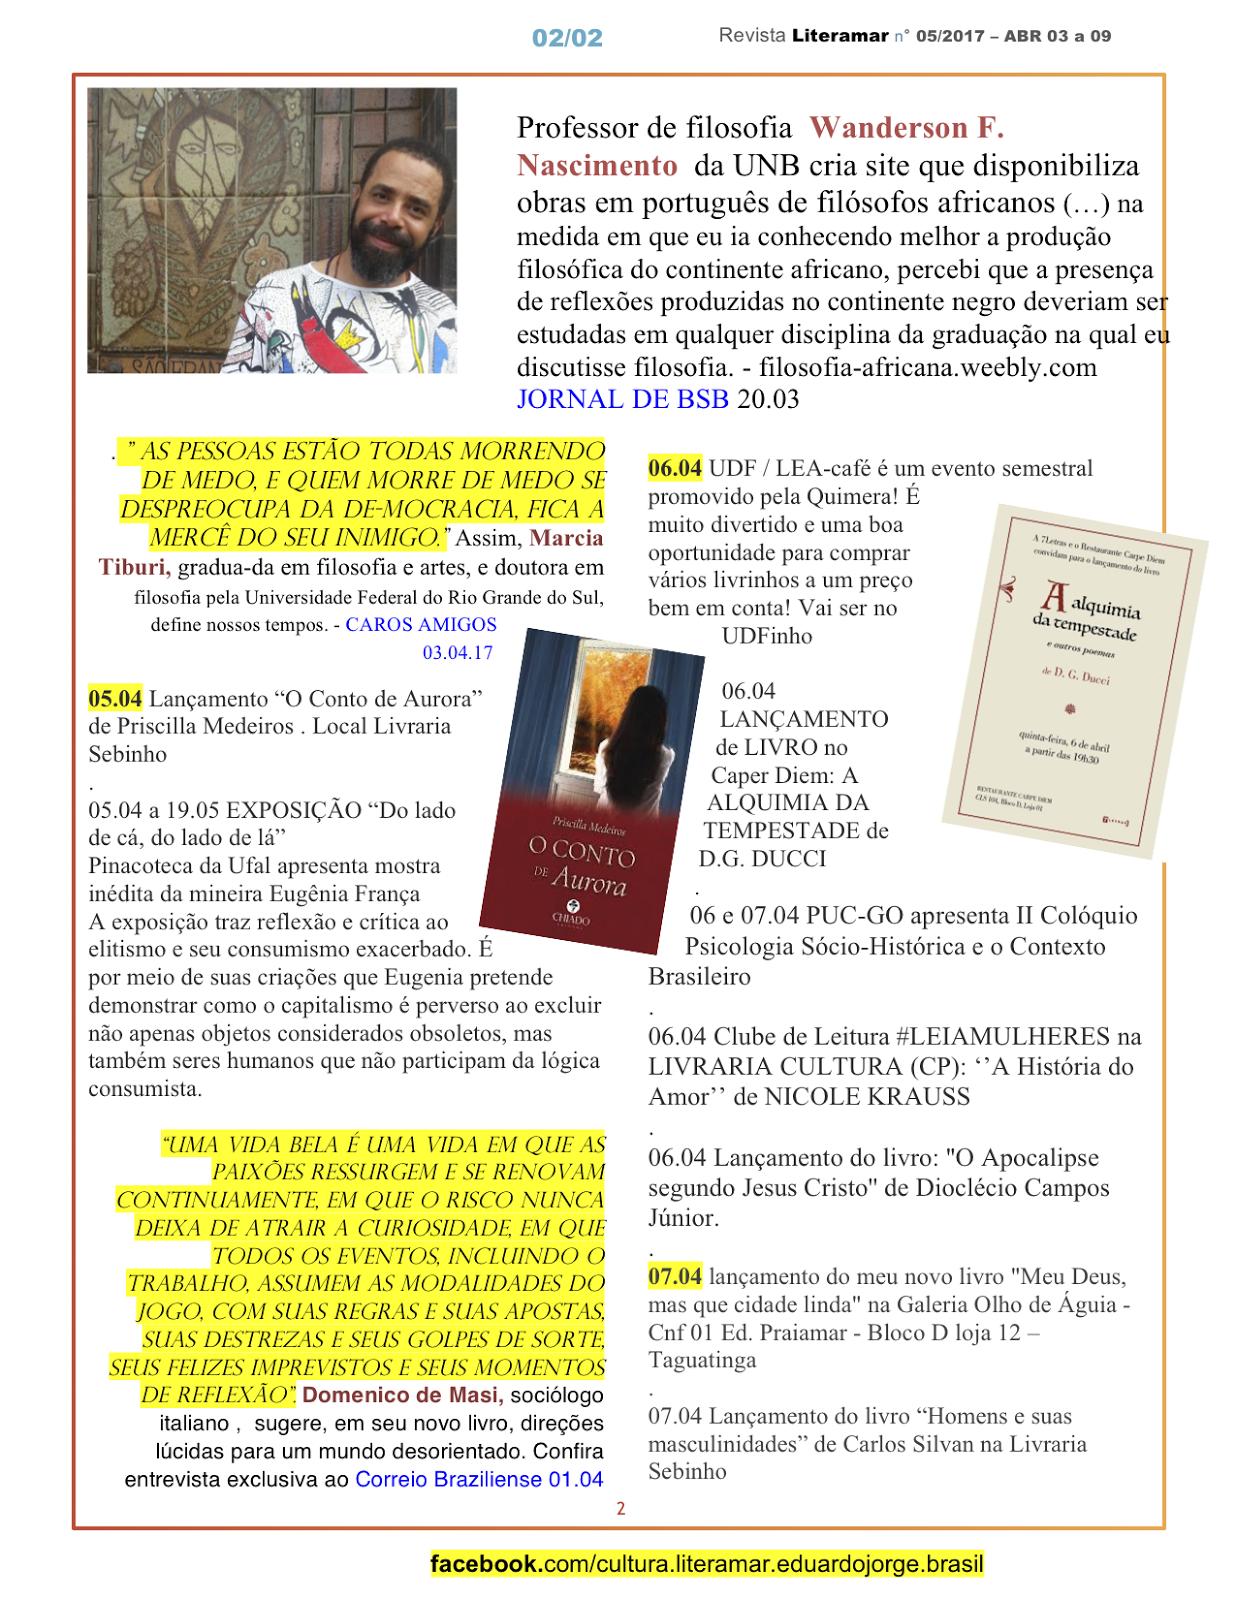 Revista Literamar 2/4, um encontro cultural em DF, GO e AL